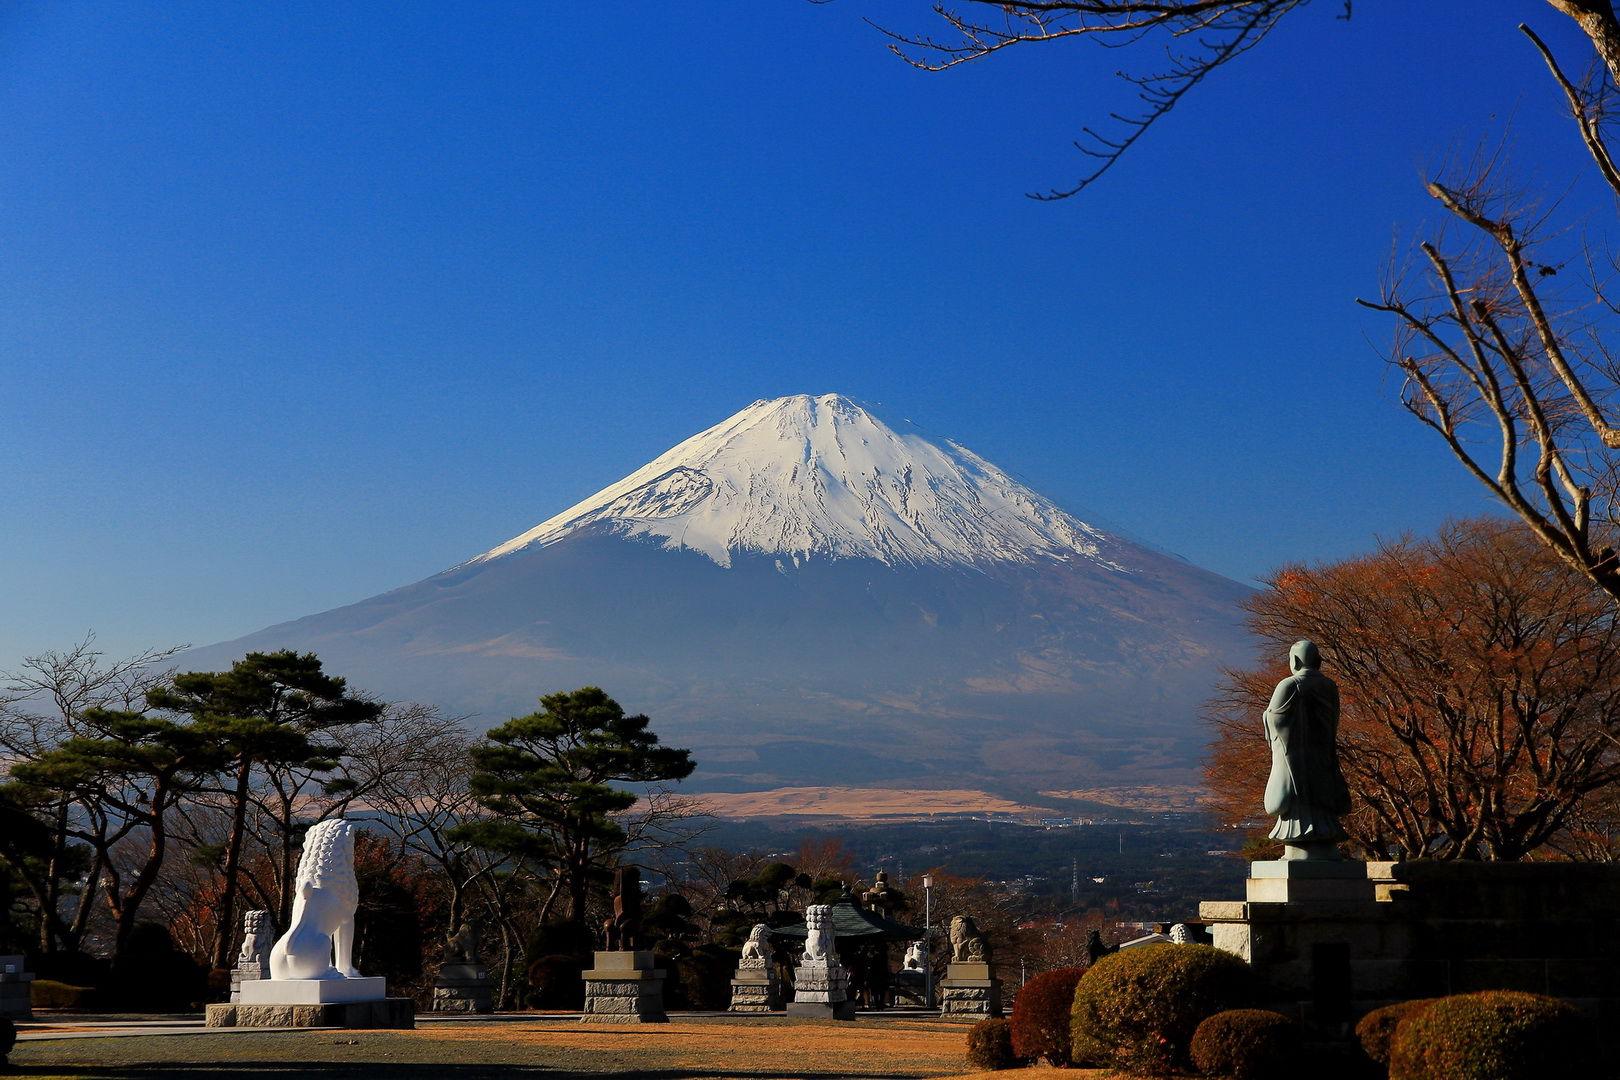 日本的图片最雄伟的风景处